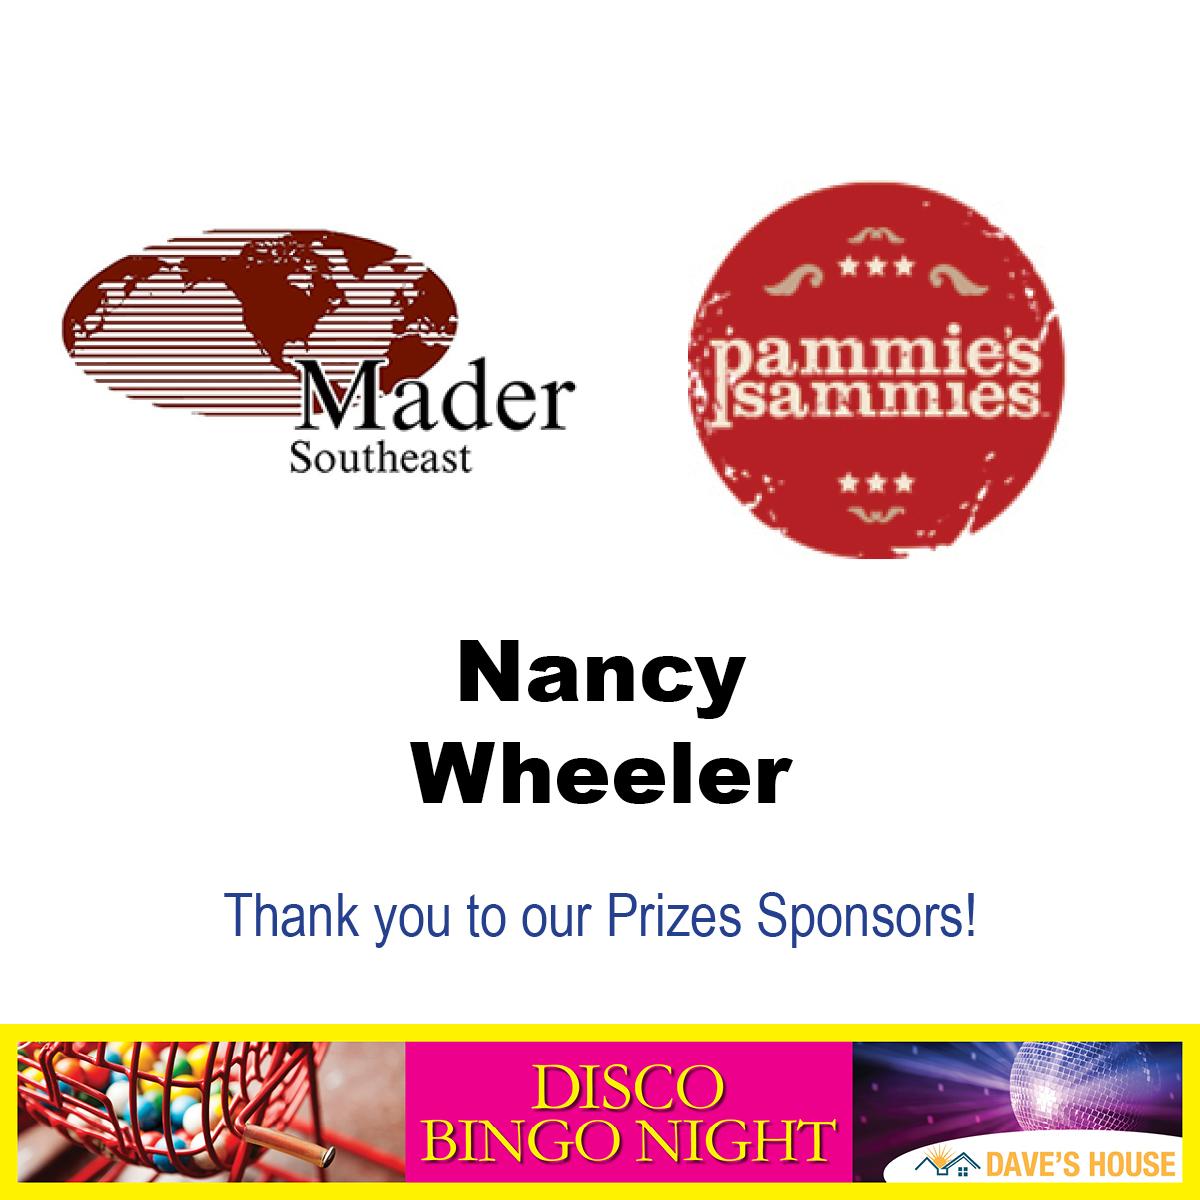 disco bingo night prize sponsors